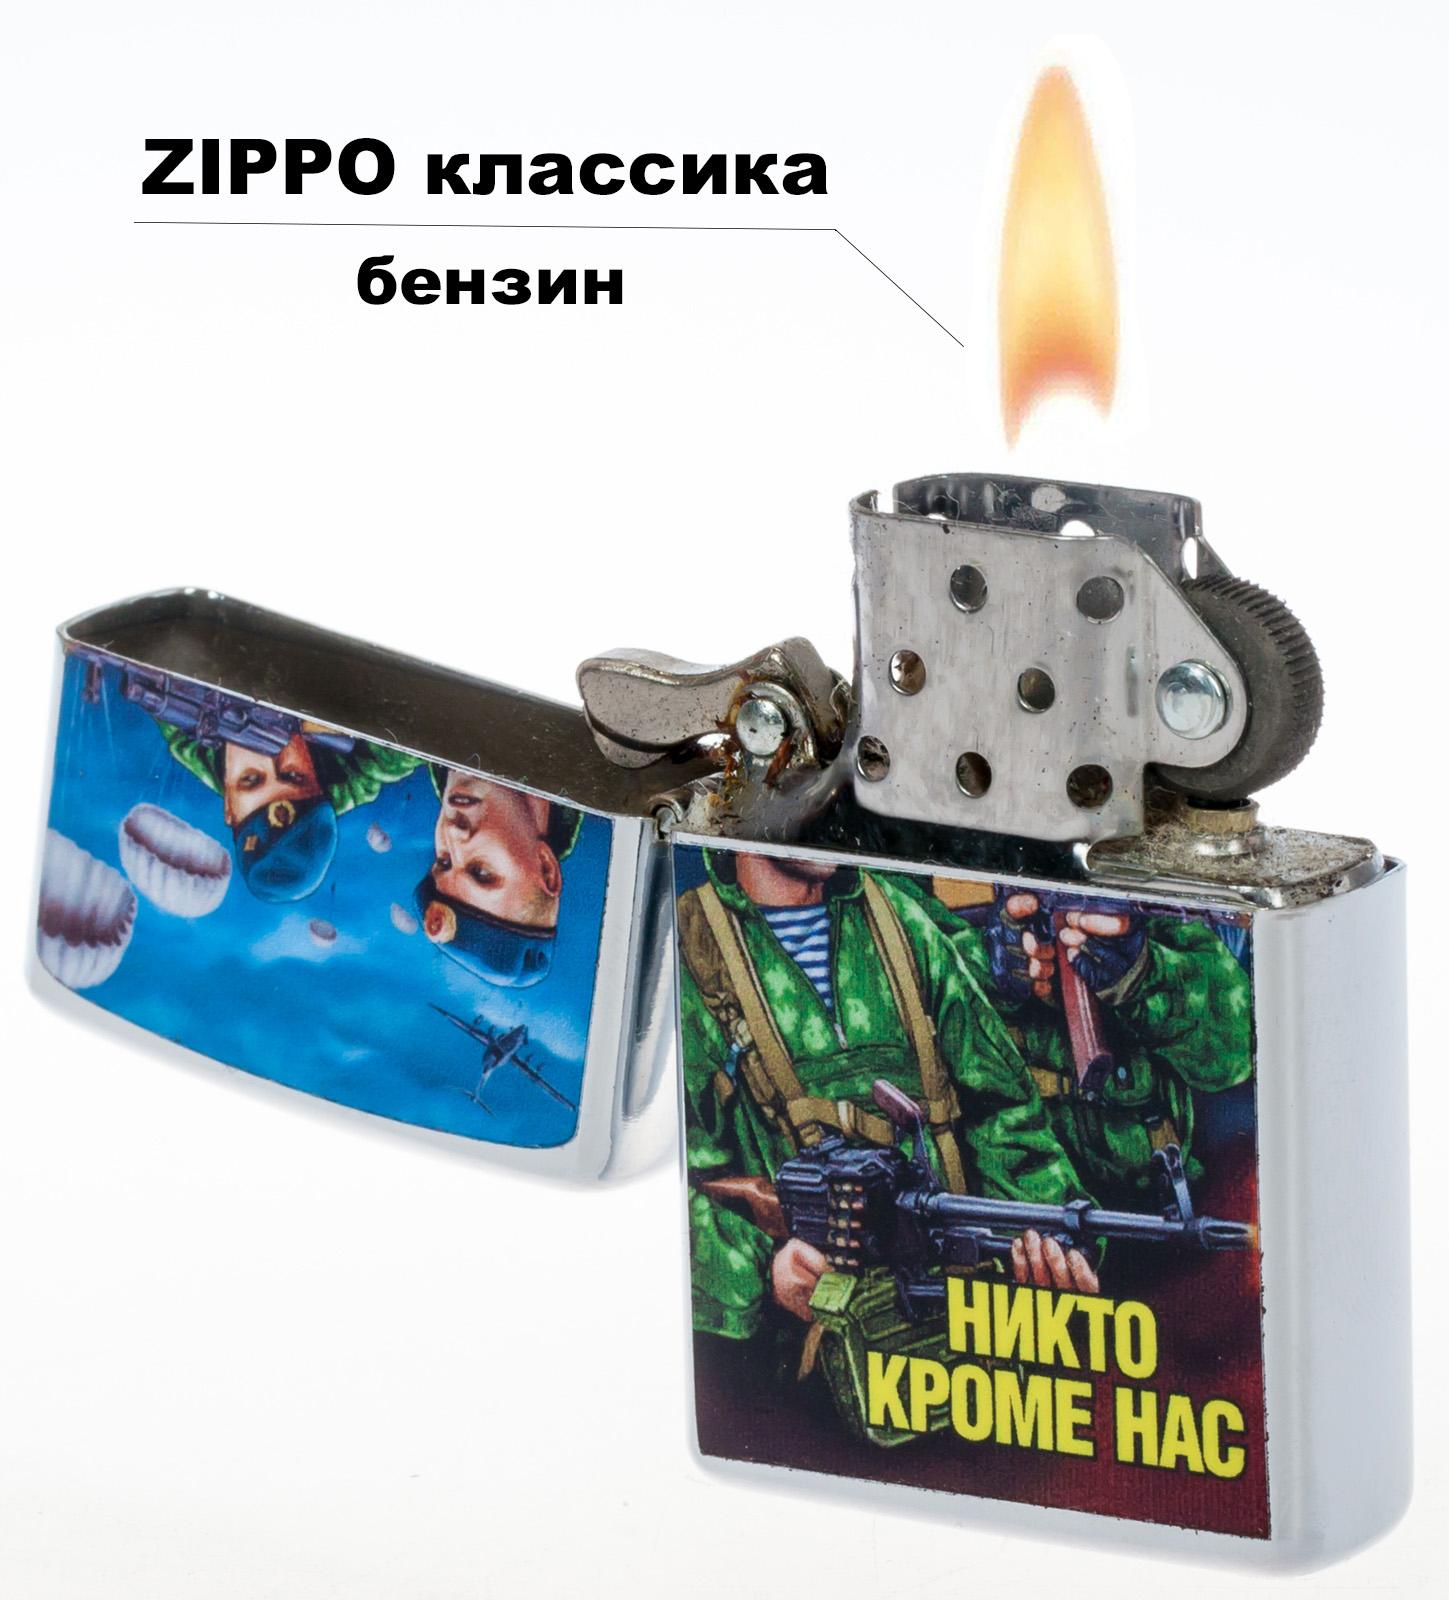 """Бензиновая зажигалка """"За ВДВ"""" отменной функциональности"""